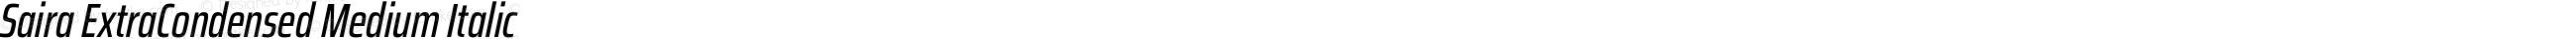 Saira ExtraCondensed Medium Italic